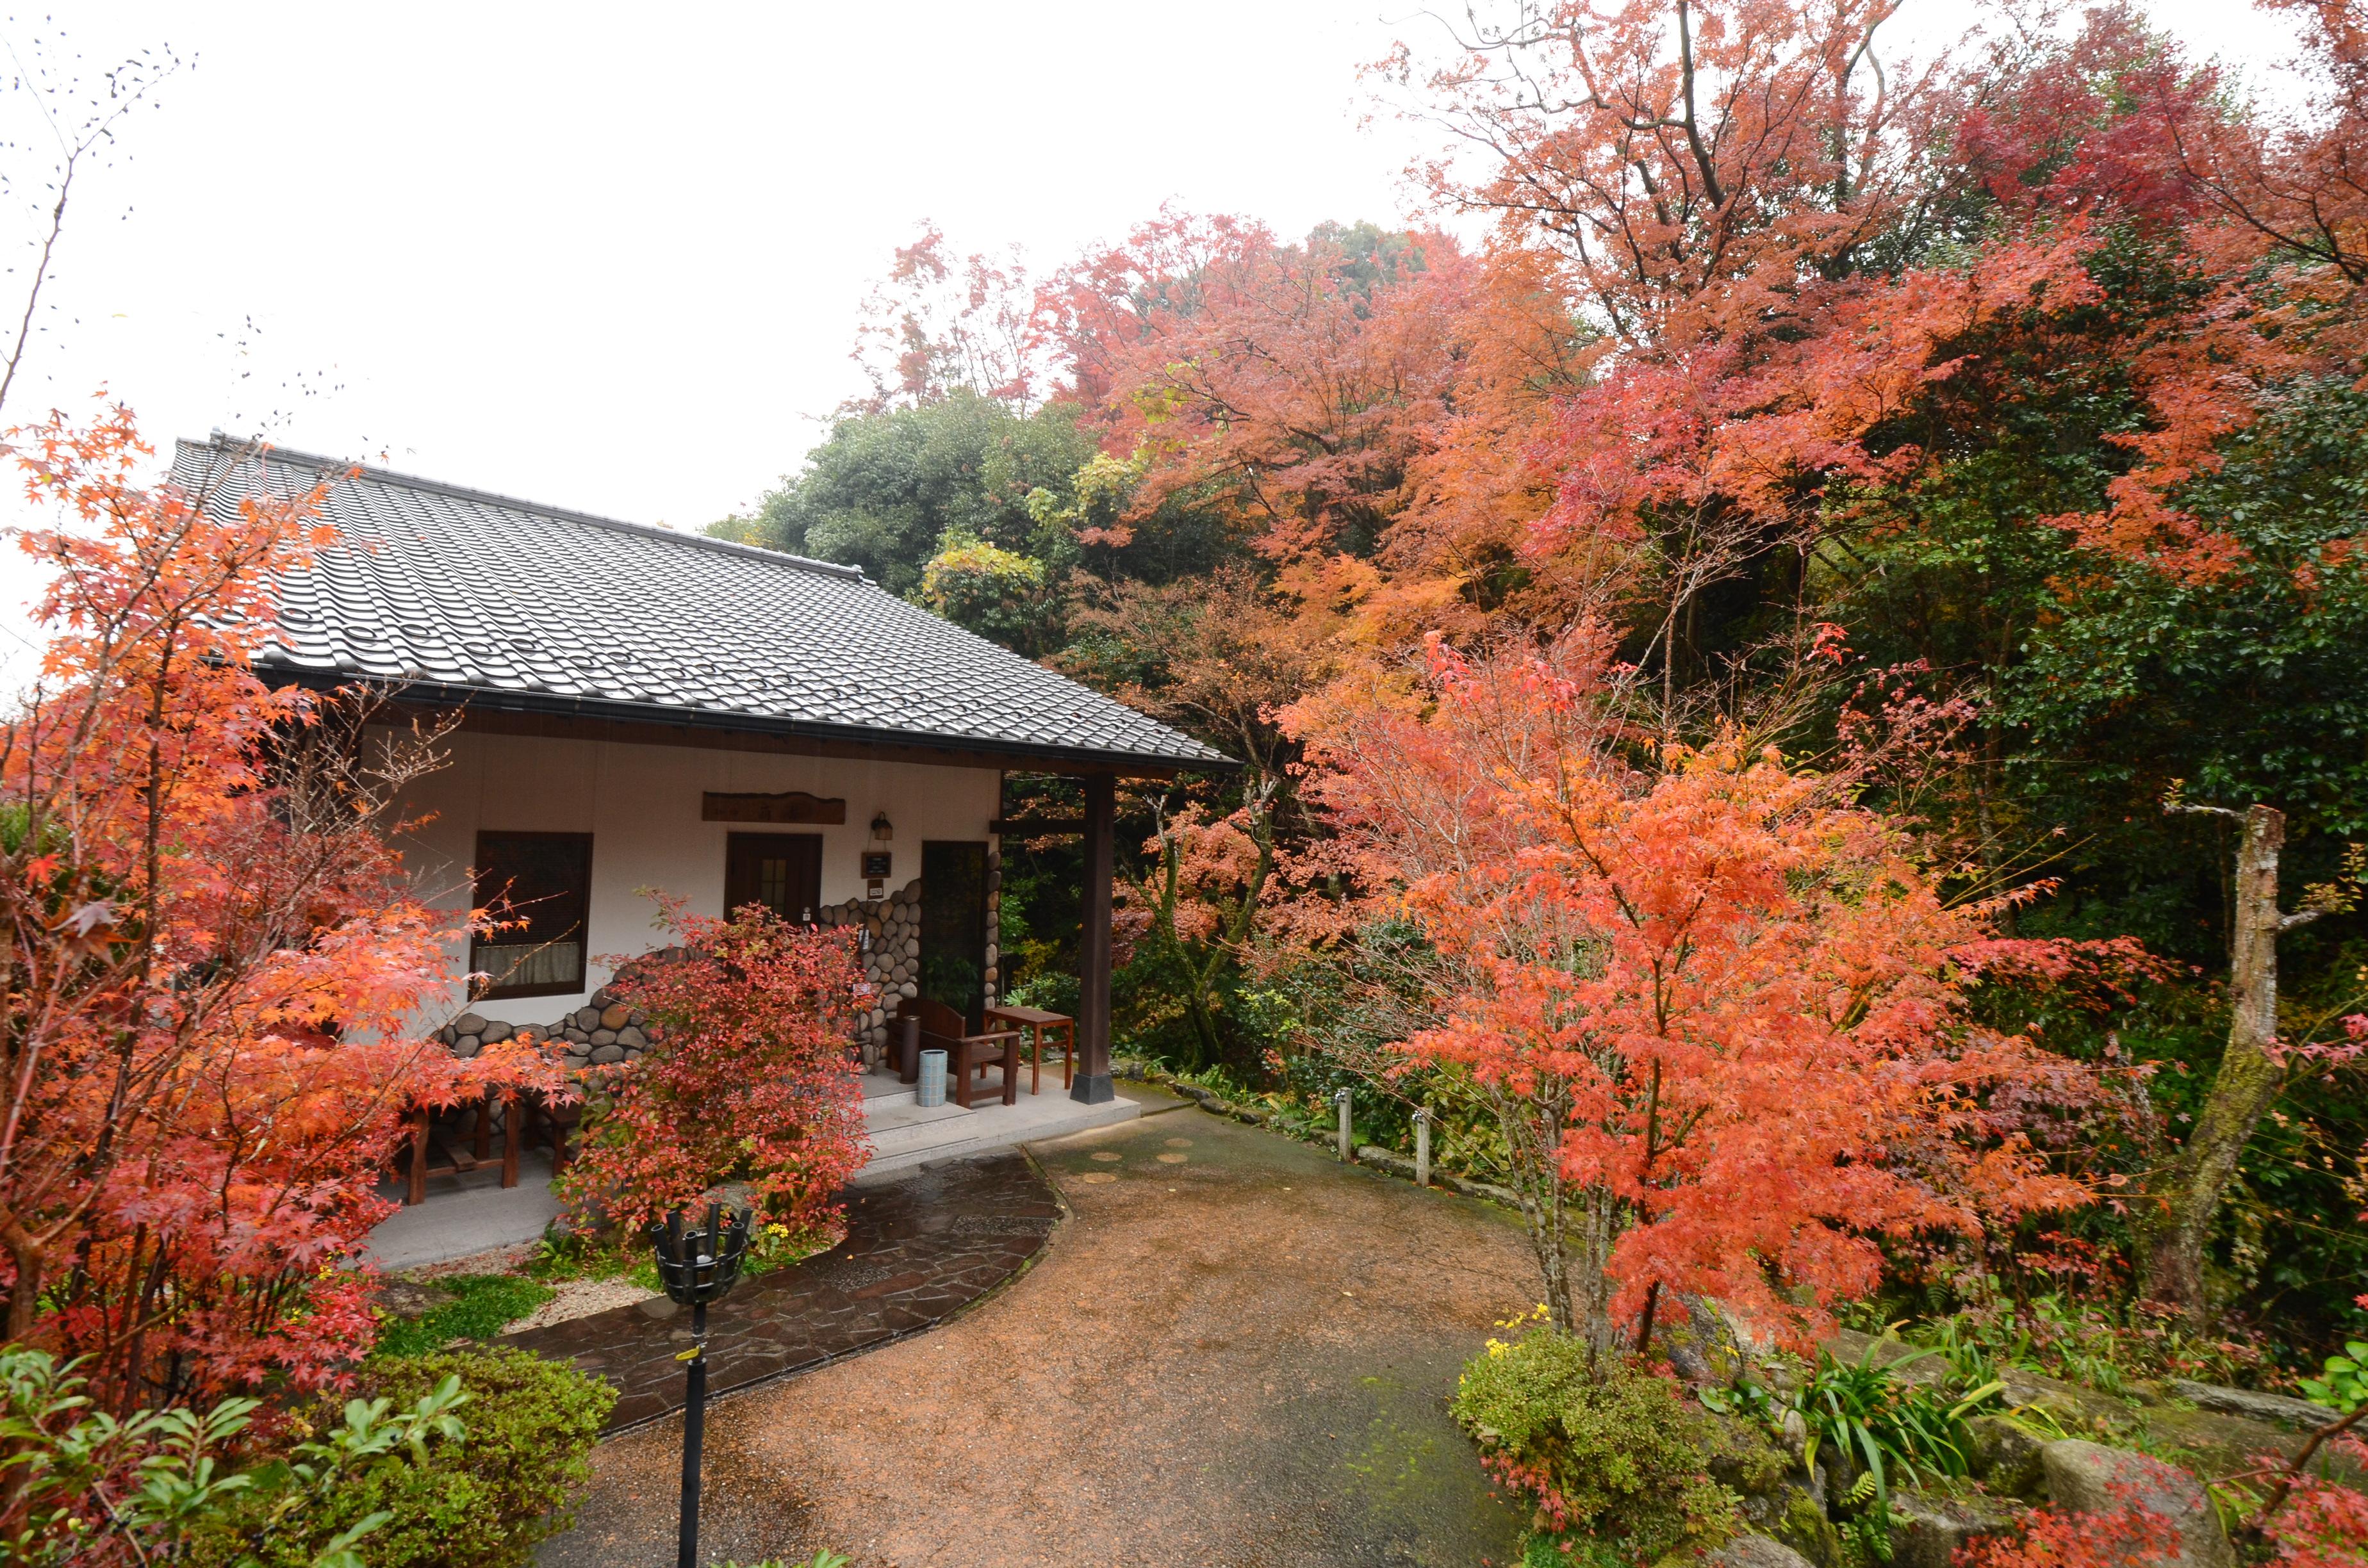 紅葉の季節の萌香